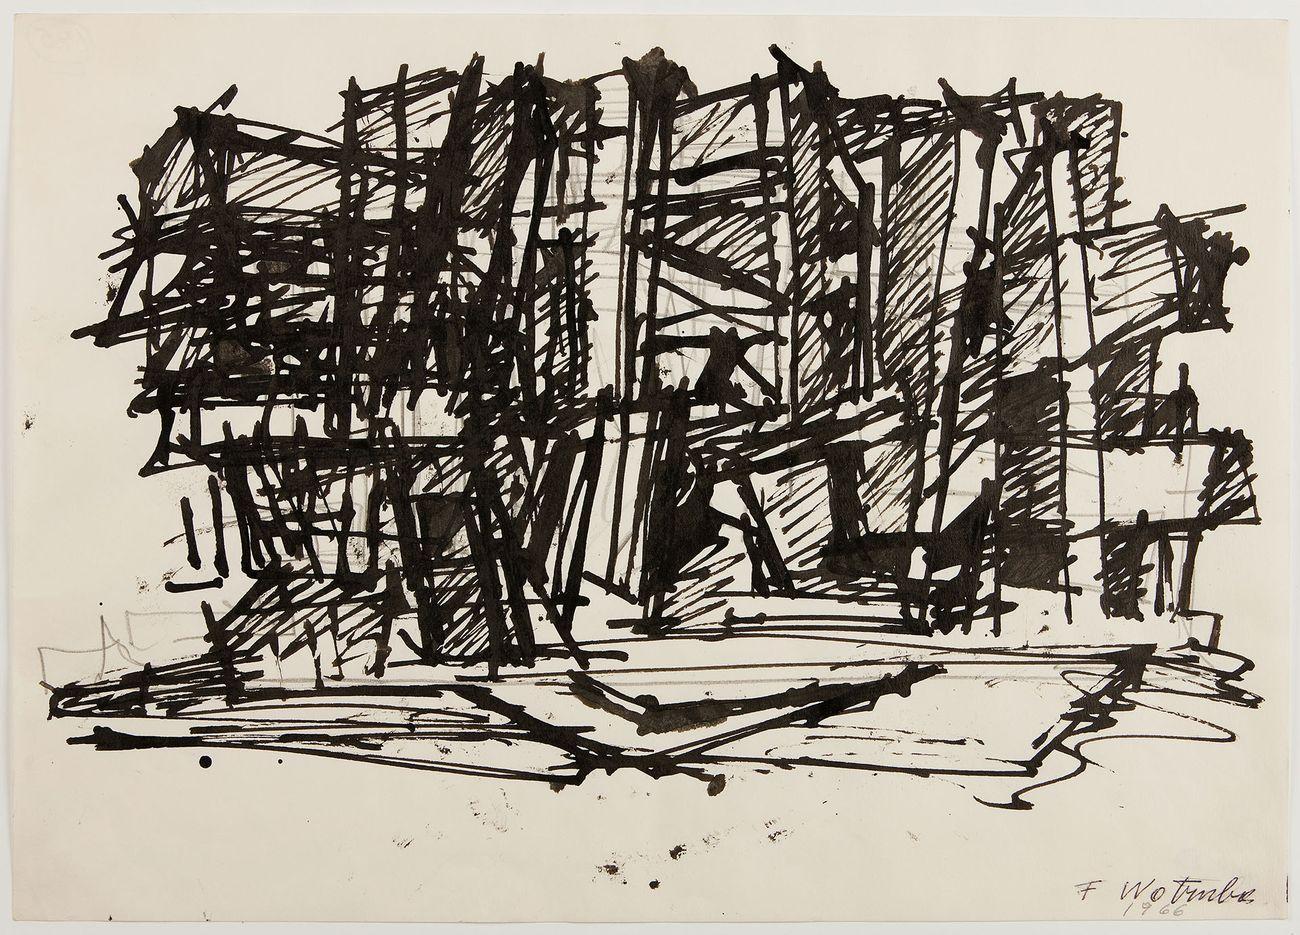 Fritz Wotruba, Skizze zu einer Architektur, 1966. Photo Harald Eisenberg Belvedere, Vienna